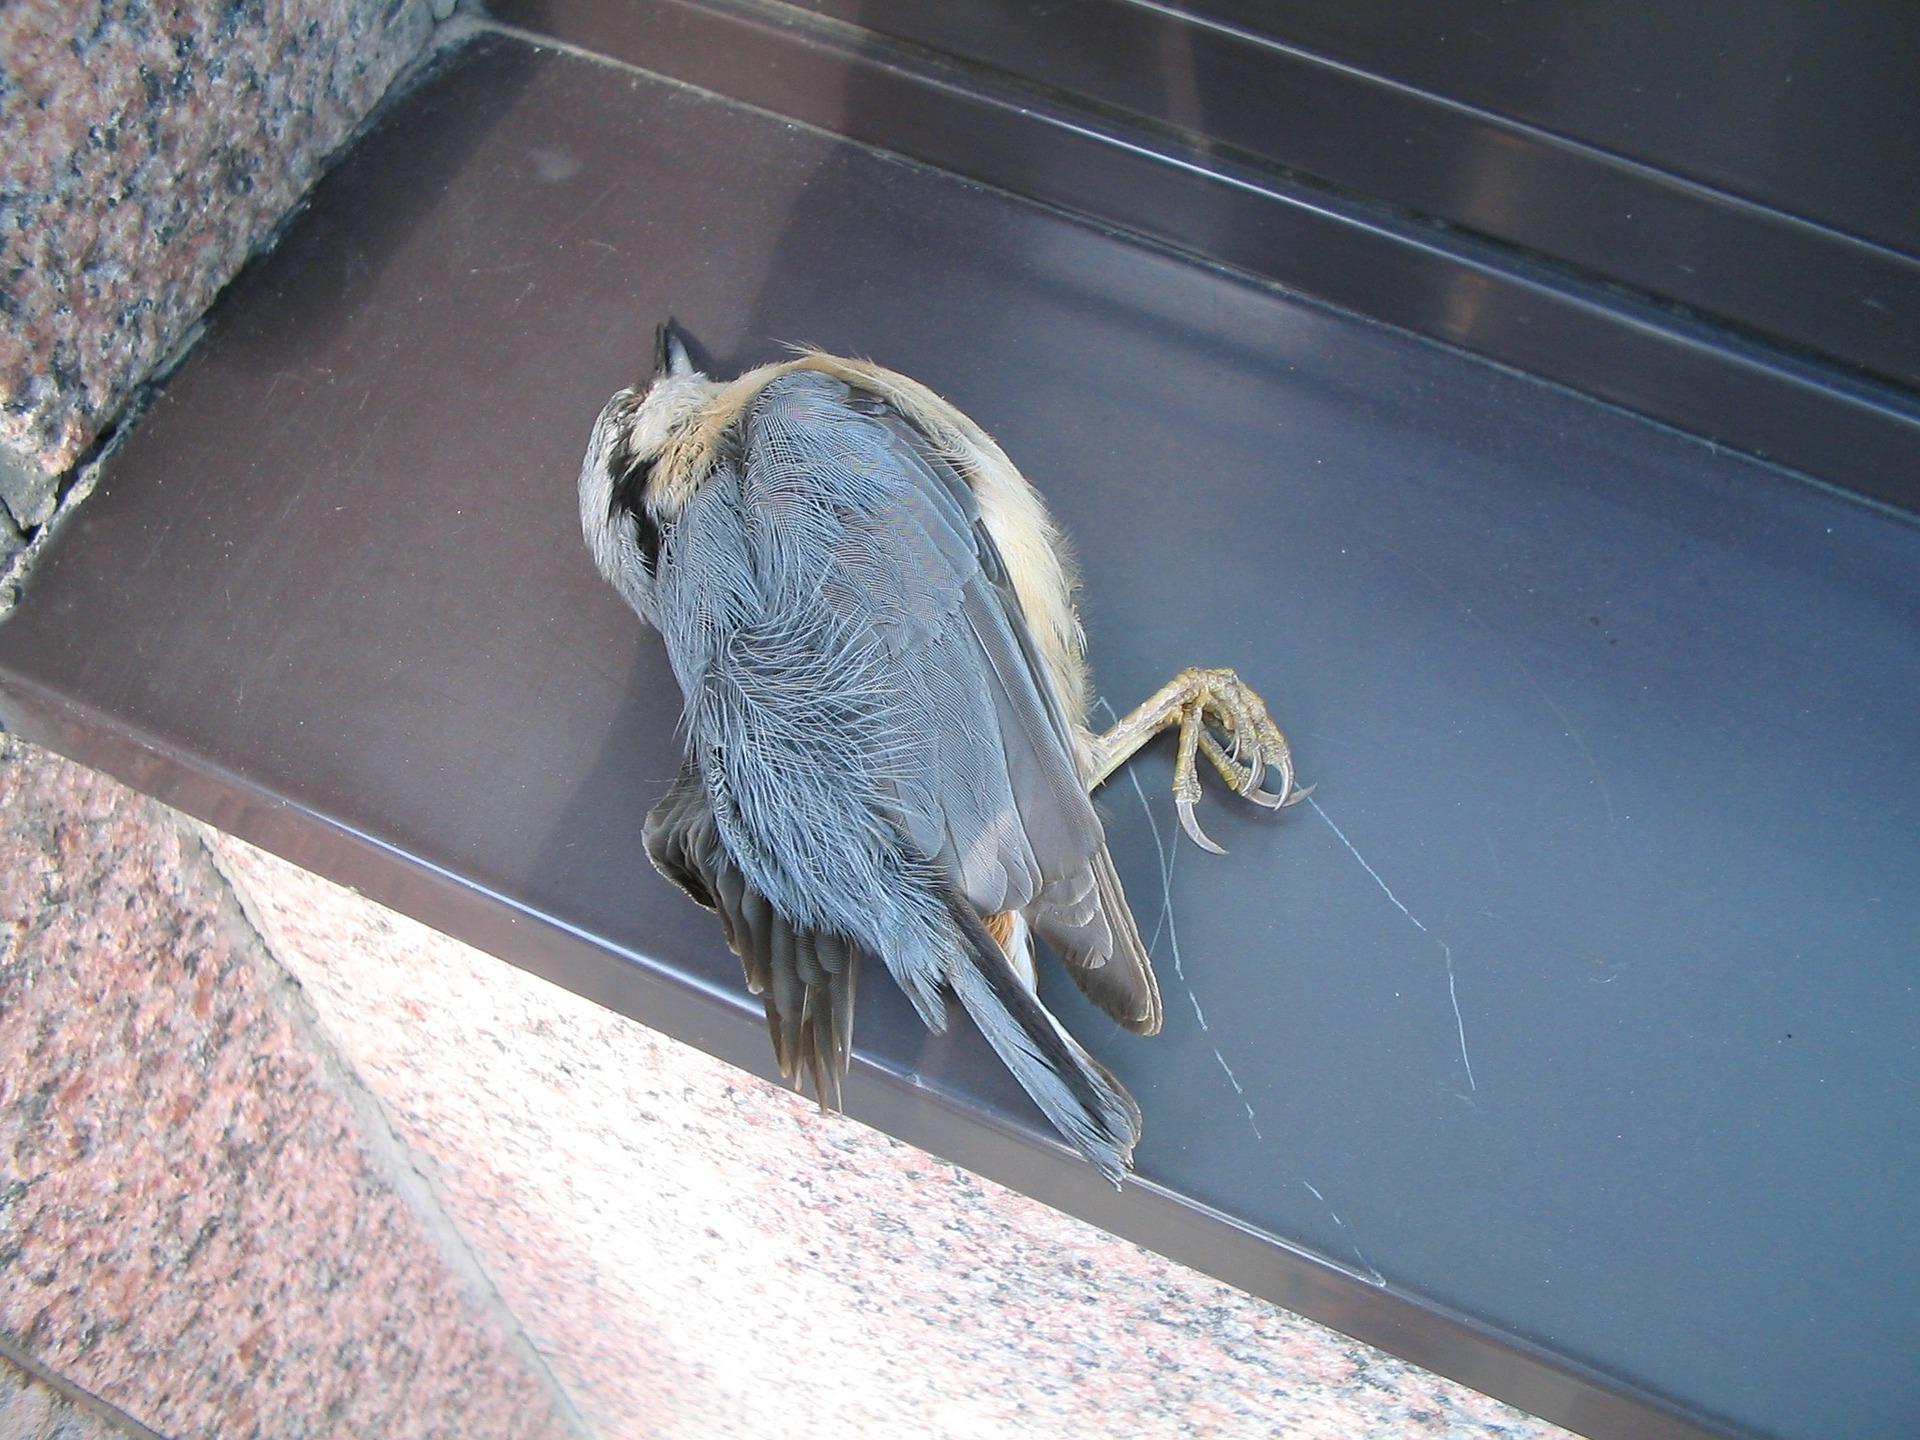 Ptáci mají tendenci do skel naletovat ve velké rychlosti, jelikož zrcadlící se stromy se (ledňáček říční, drozd kvíčala, kos černý, Ericson, W.